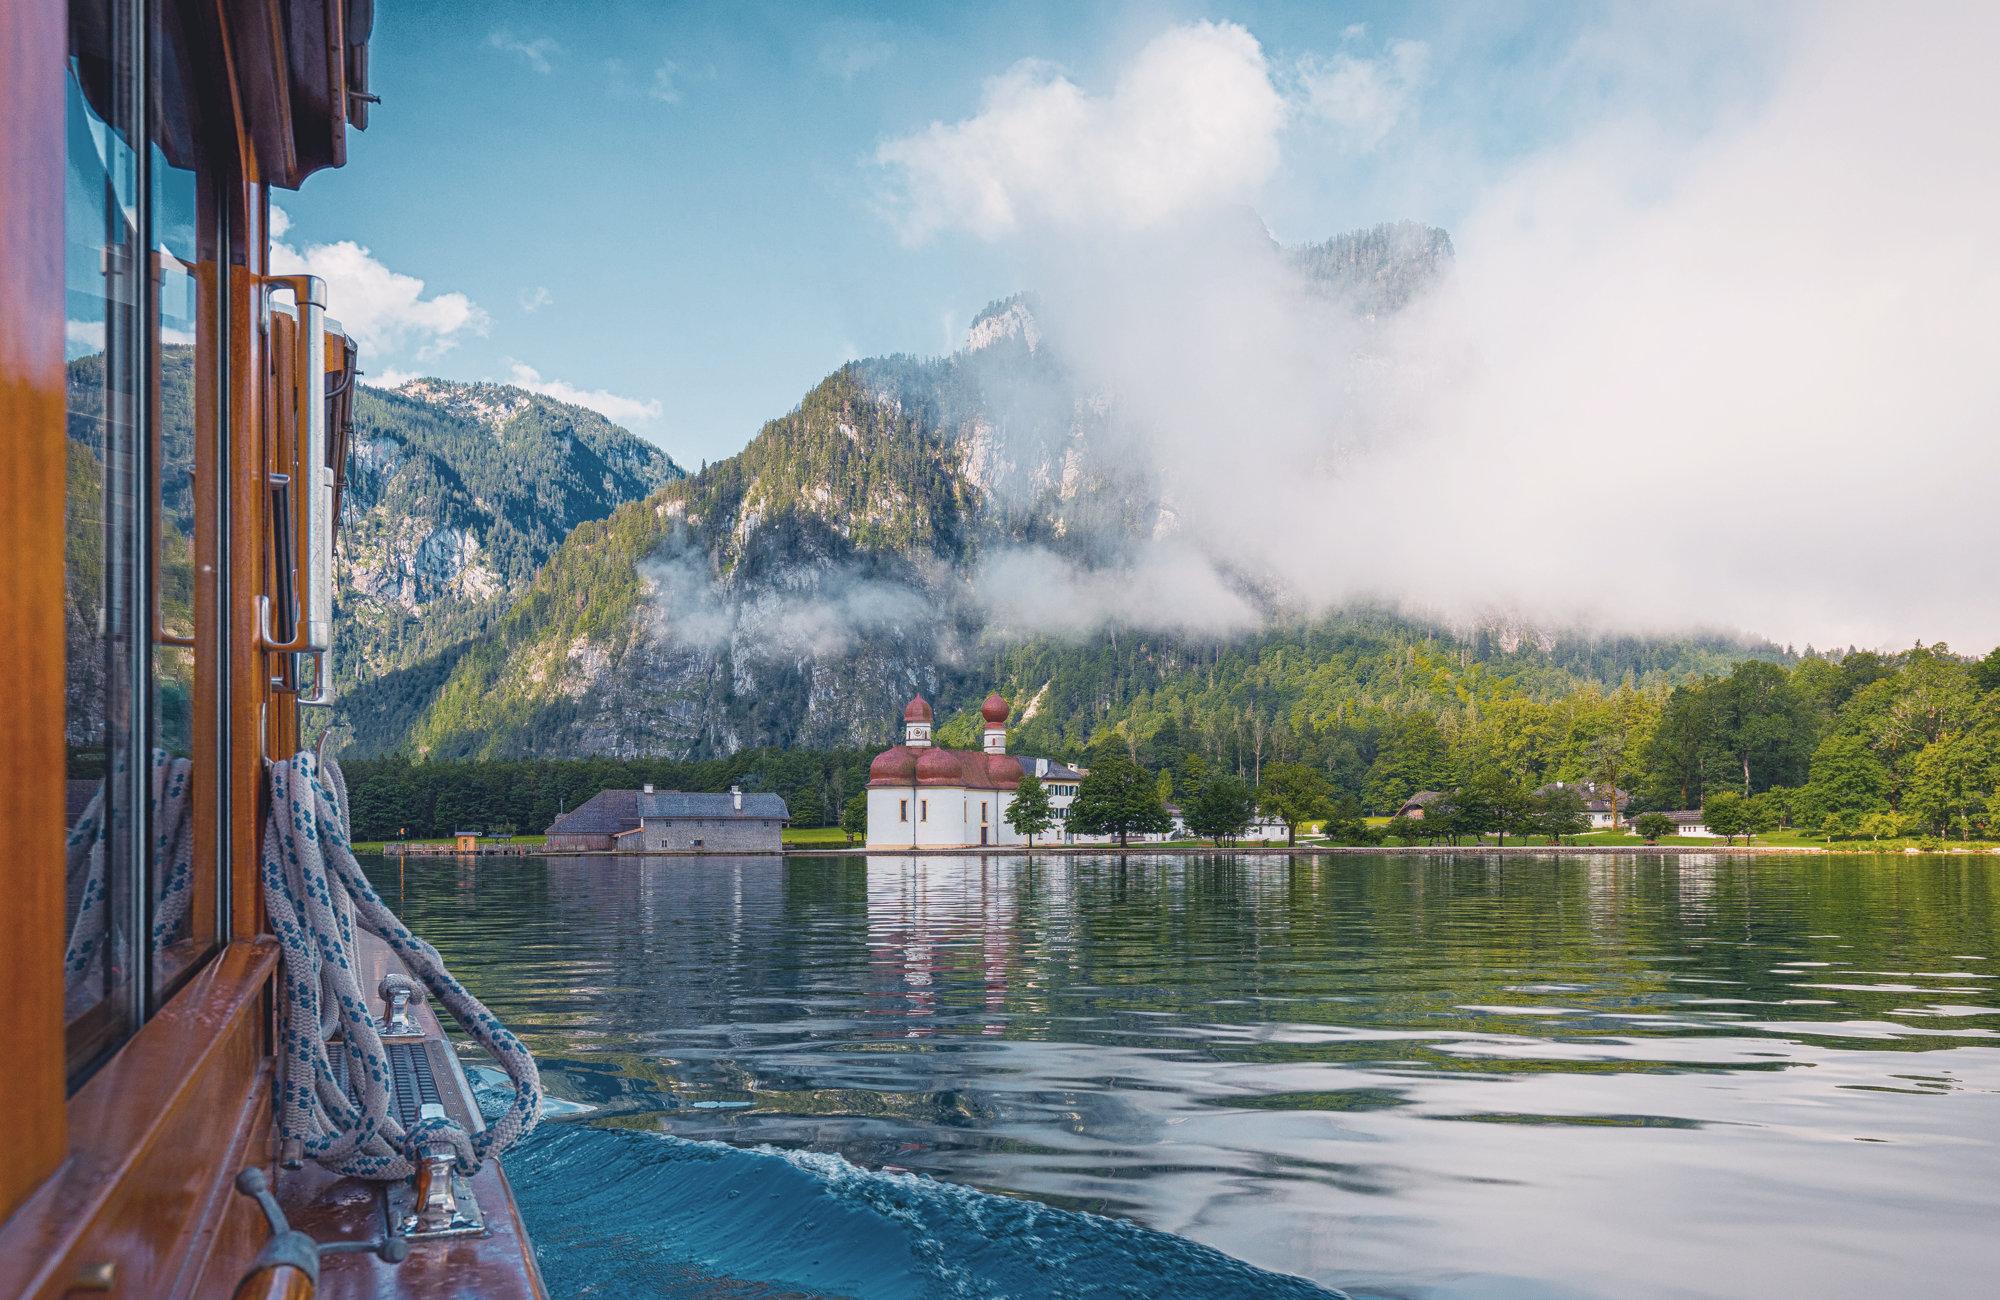 Bootsfahrt am Königsee, St. Bartholomä Kirche, Heiraten in den Bergen, Standesamtlich Heiraten in den Bergen, Almhochzeit, Hochzeit in den Bergen